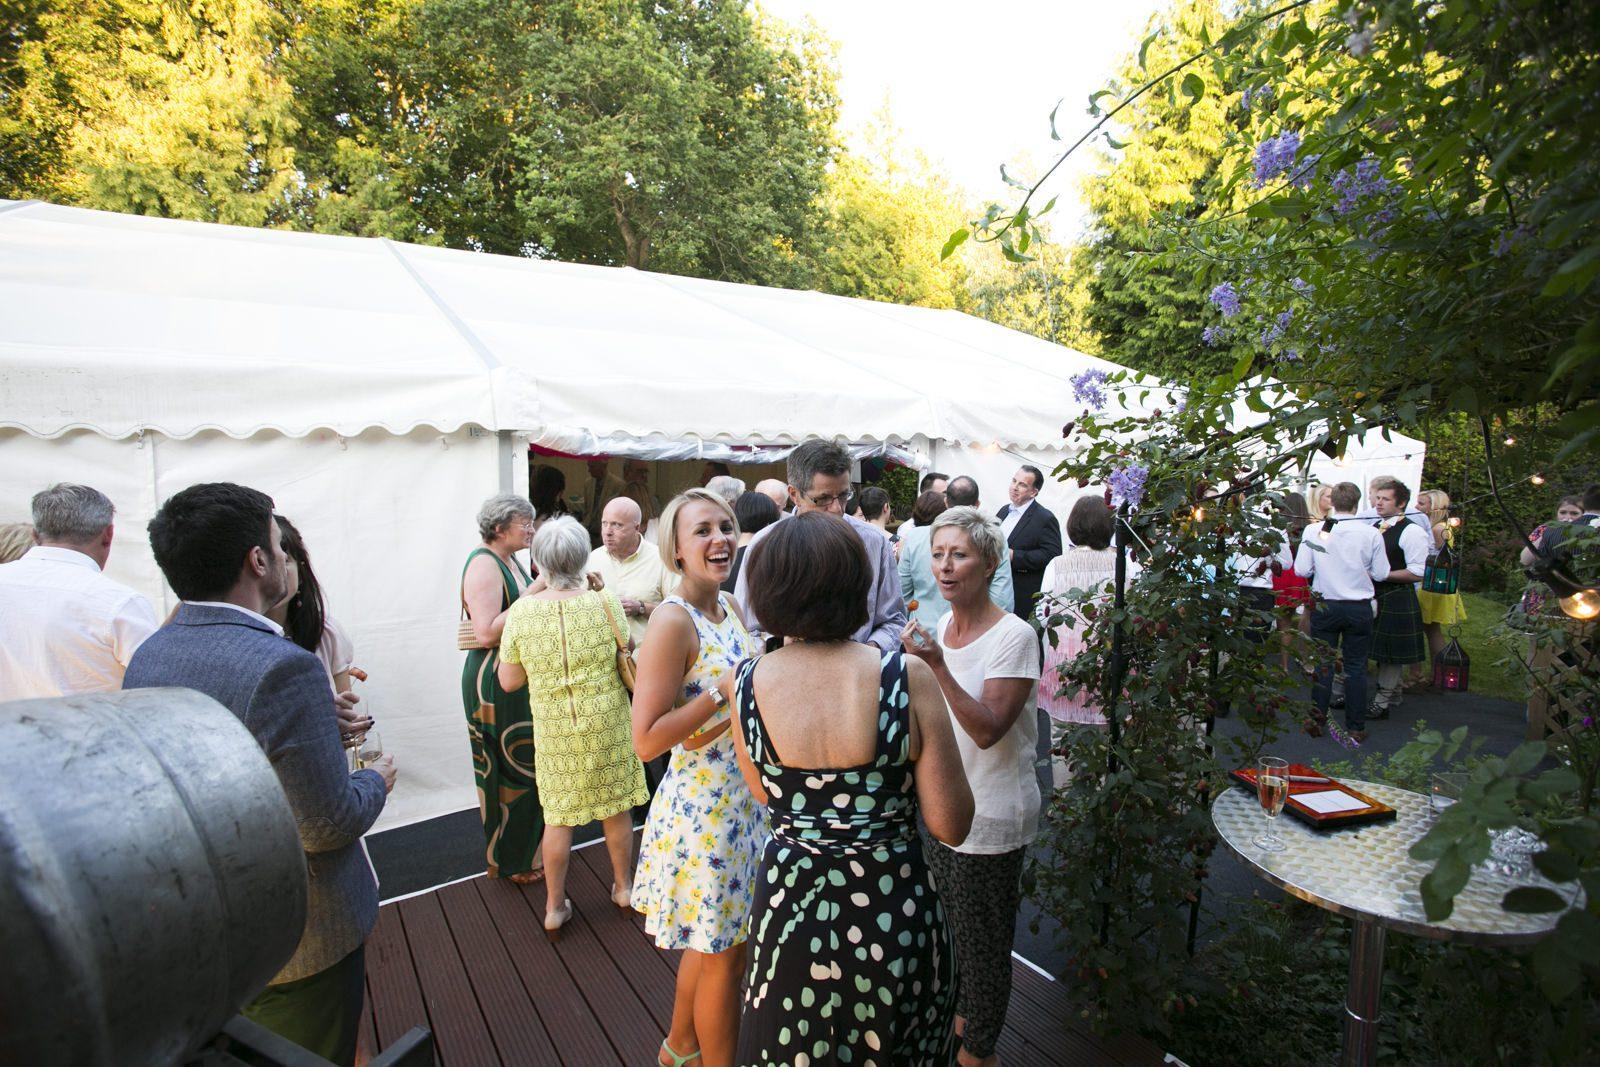 cambridge-event-party-2017-io-062